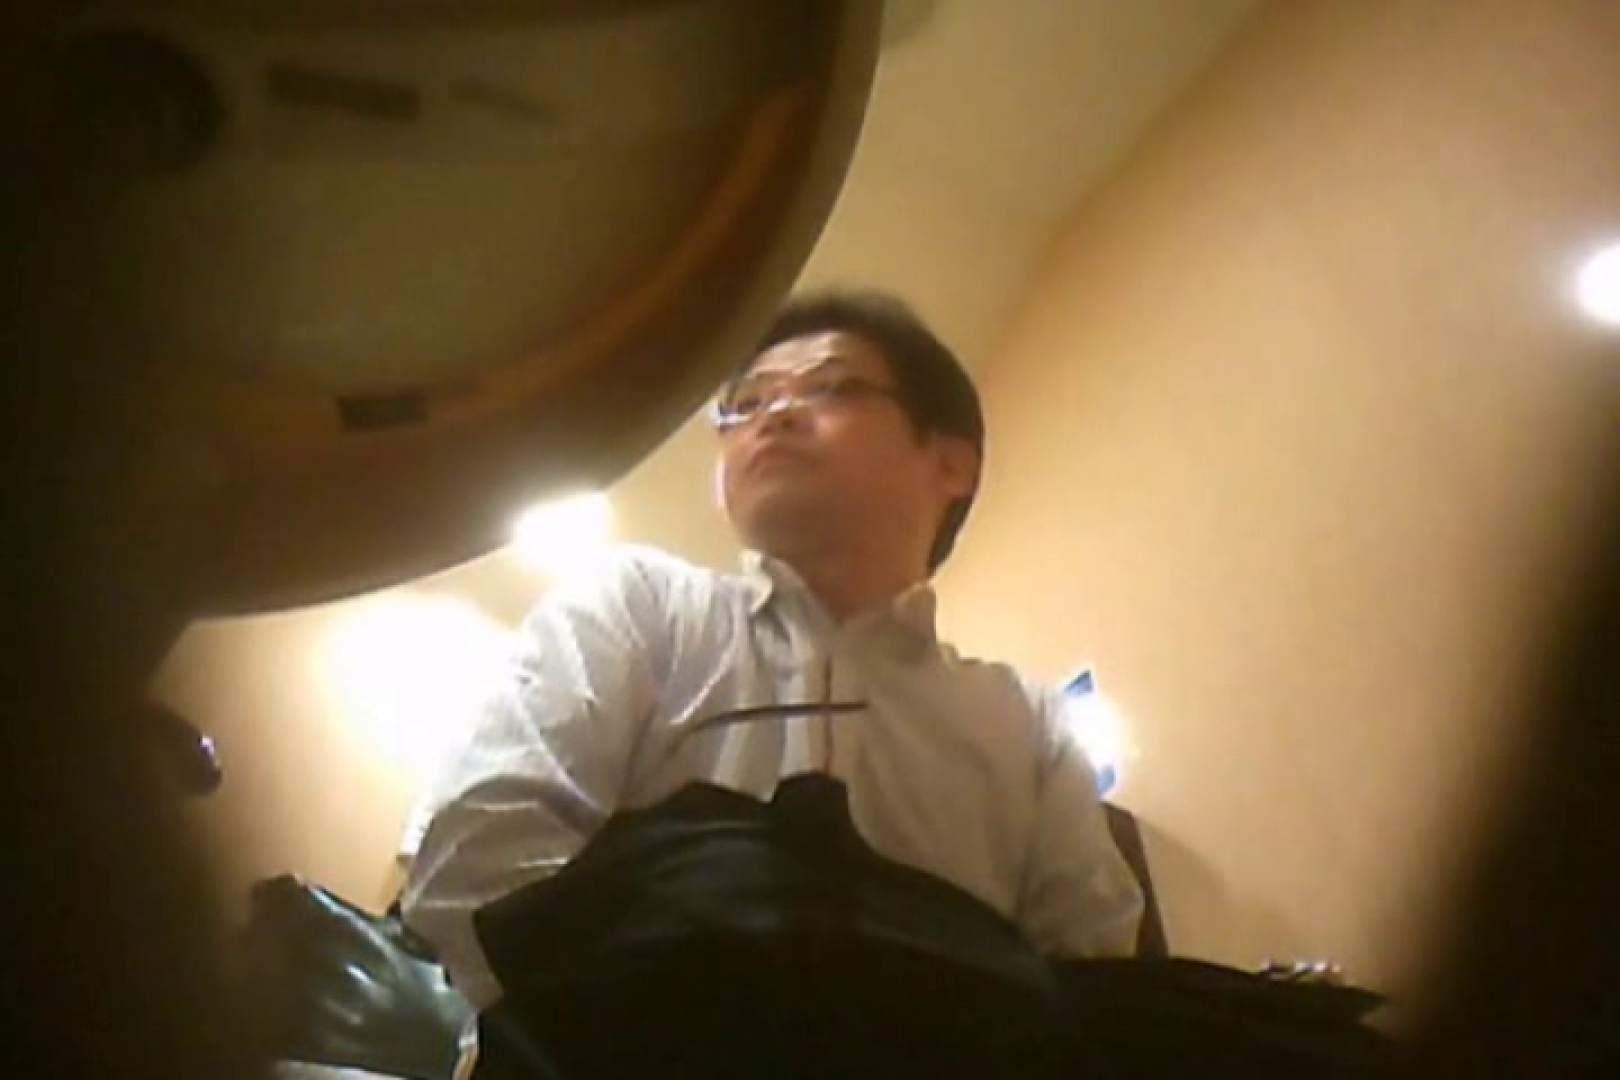 SEASON 3rd!掴み取りさんの洗面所覗き!in新幹線!VOL.16 私服がかっこいい Guyエロ画像 96枚 3